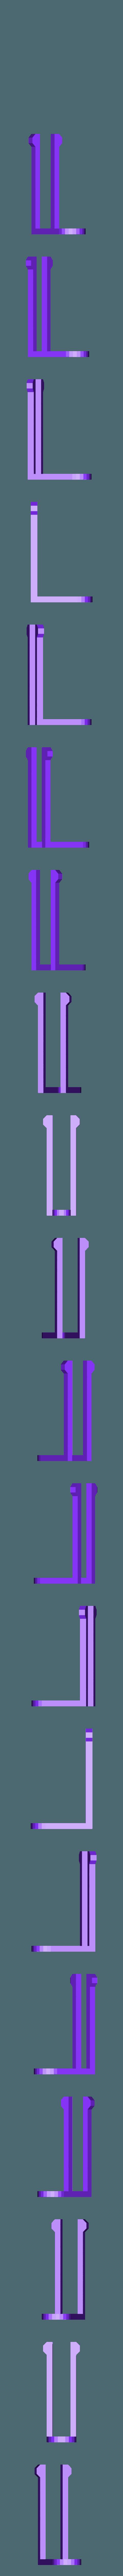 comp klip 50mm by ctrl design.stl Download STL file devil emoji cam cover • 3D printable design, Byctrldesign